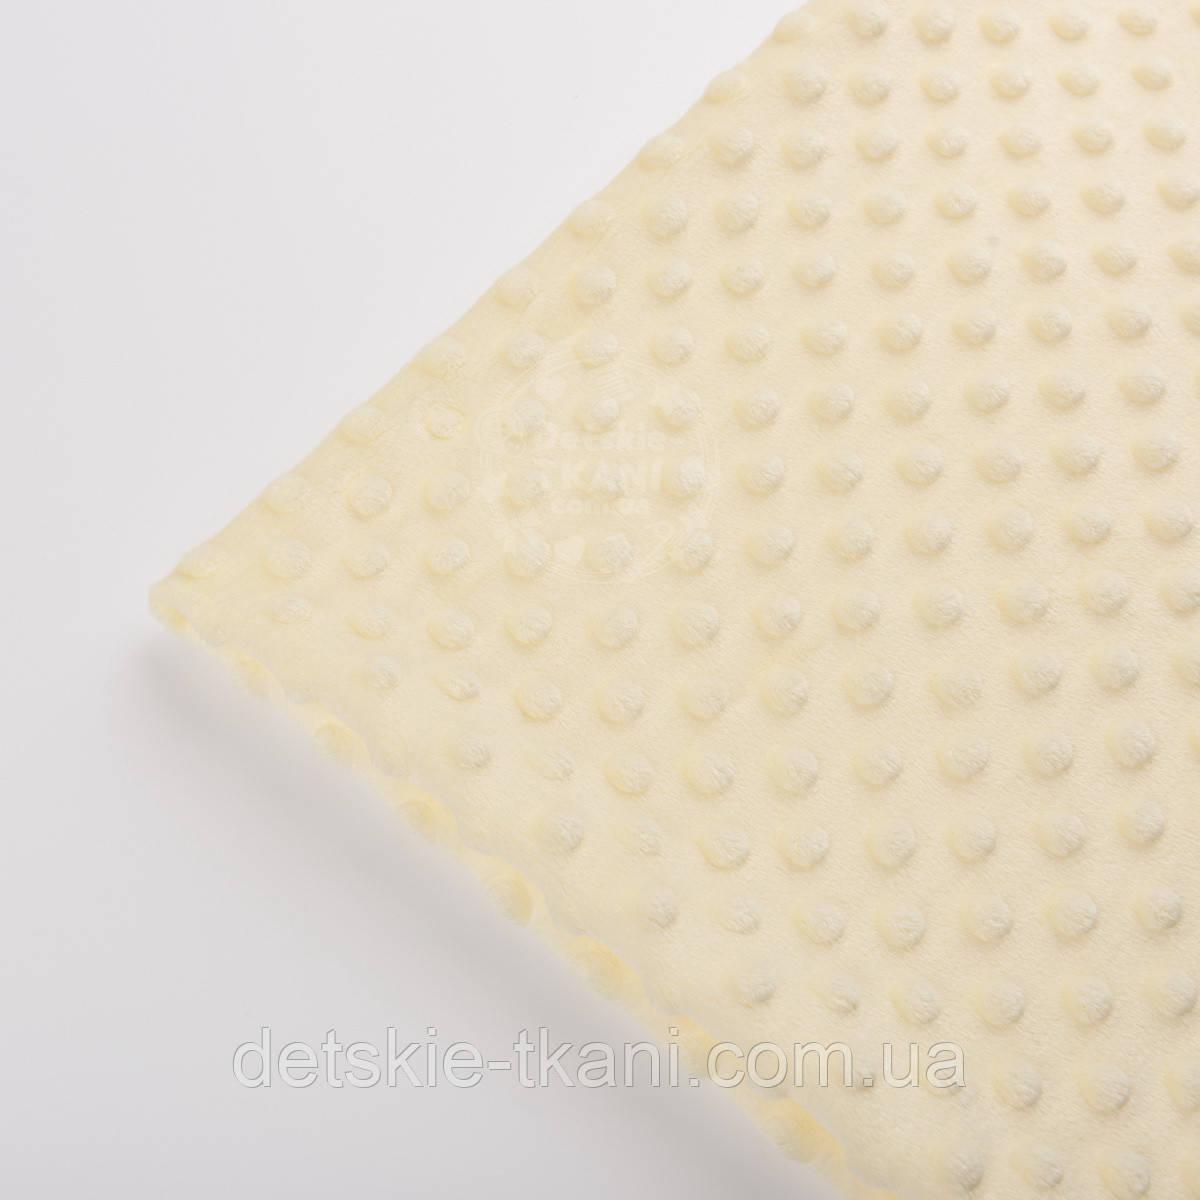 Отрез плюш minky М-8 размером 40*40 см кремового цвета